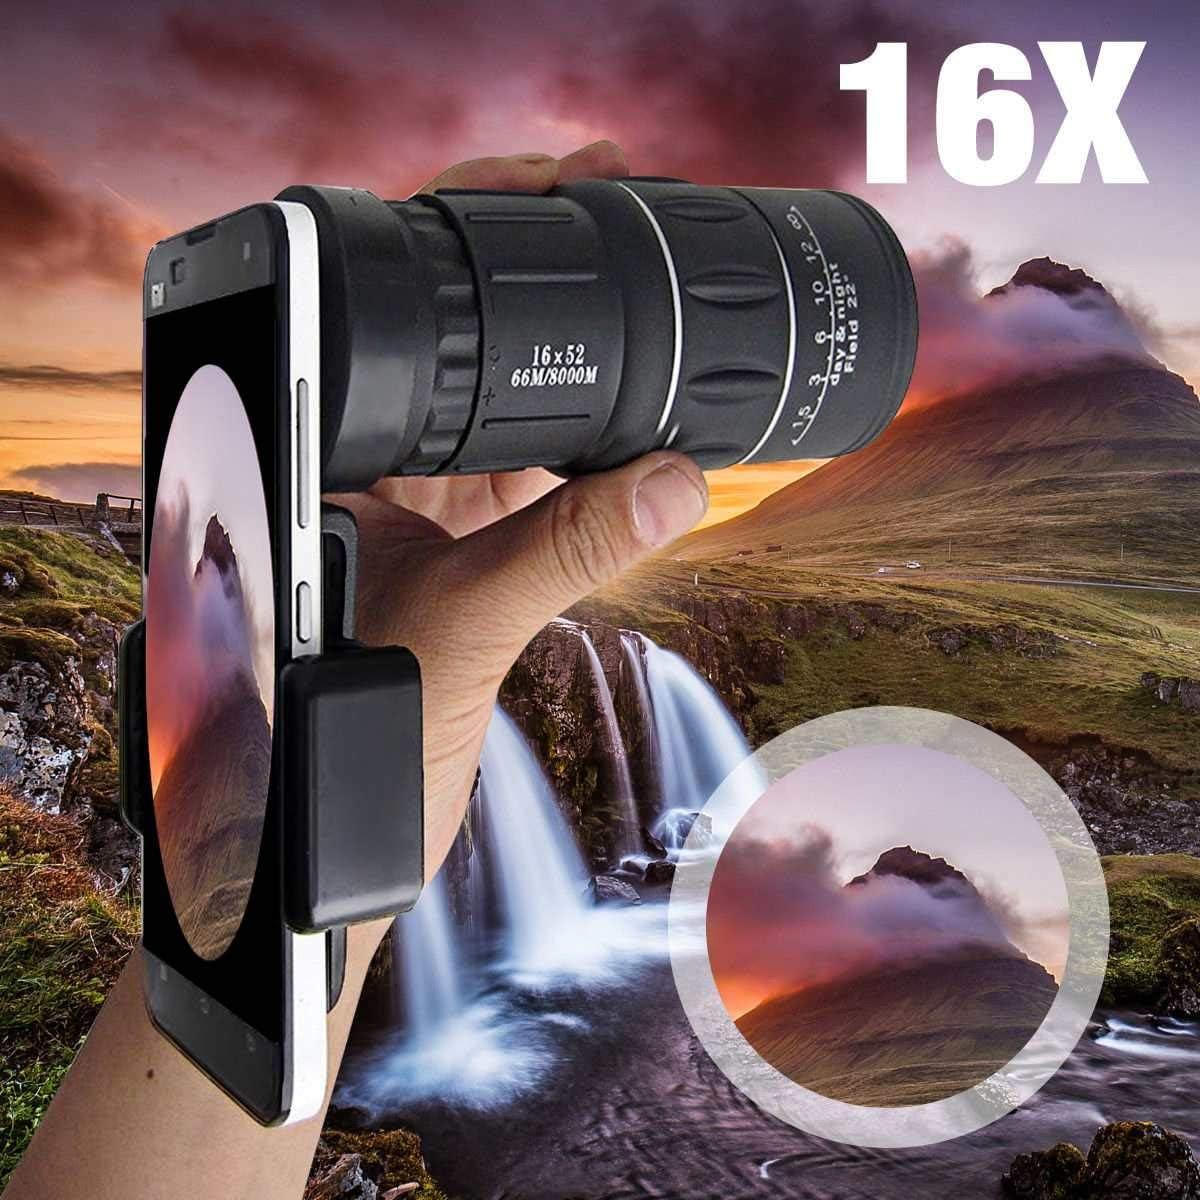 Kit de lente de teléfono, 16 x 52 Zoom Senderismo, smartphone monocular lente cámara HD, alcance caza + soporte de teléfono para iPhone 5, 7 y 8 Plus X para Huawei: Amazon.es: Electrónica